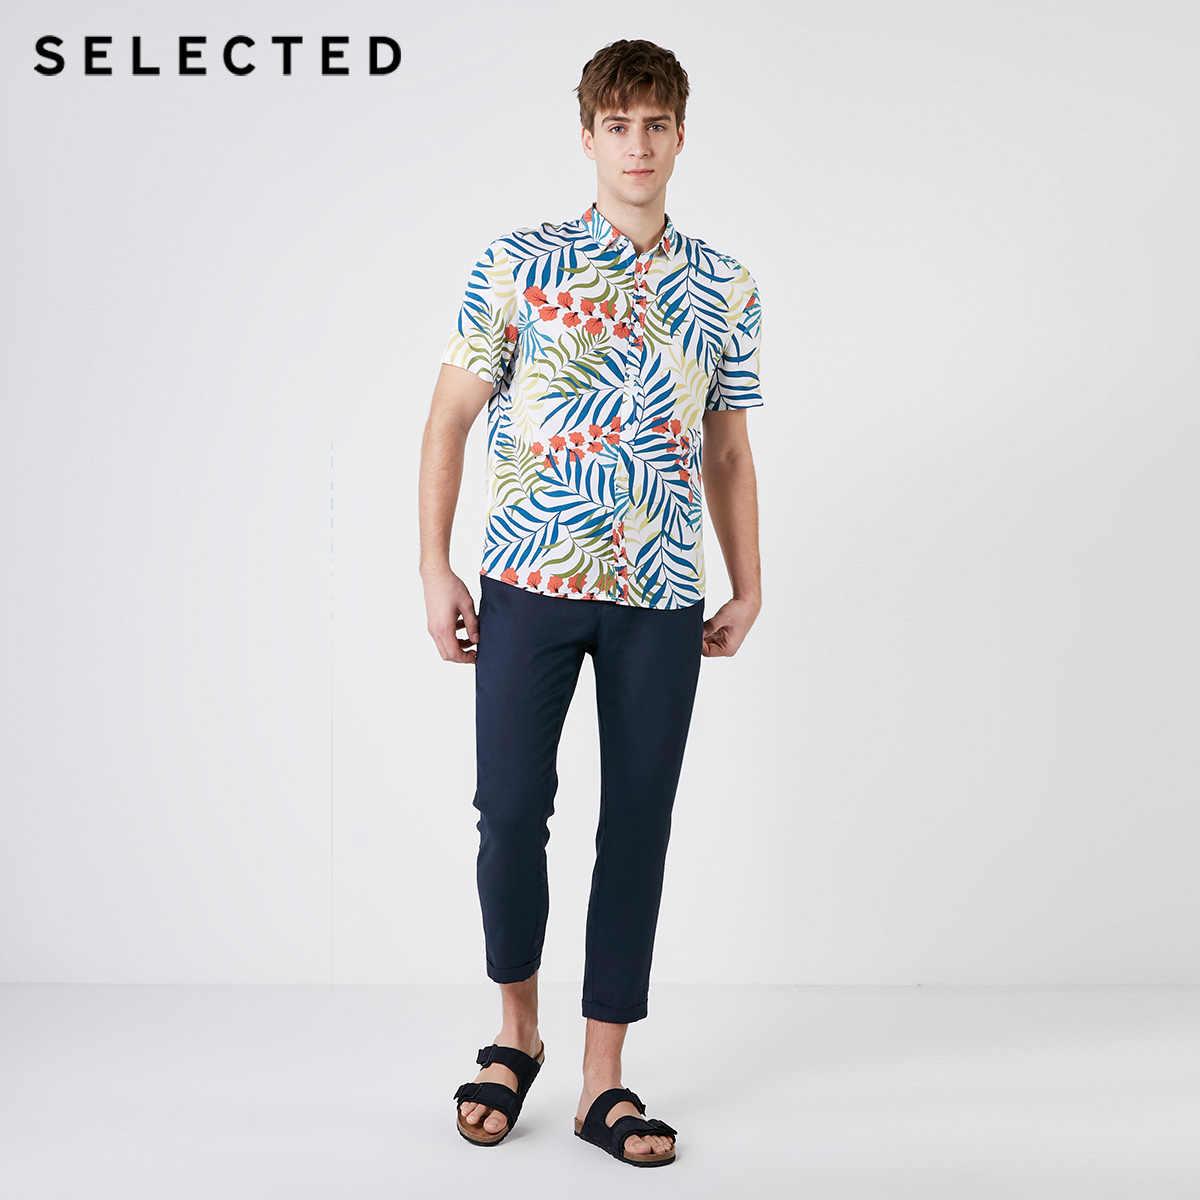 Мужская Свободная Повседневная рубашка с принтом, с короткими рукавами, модель S   419204516